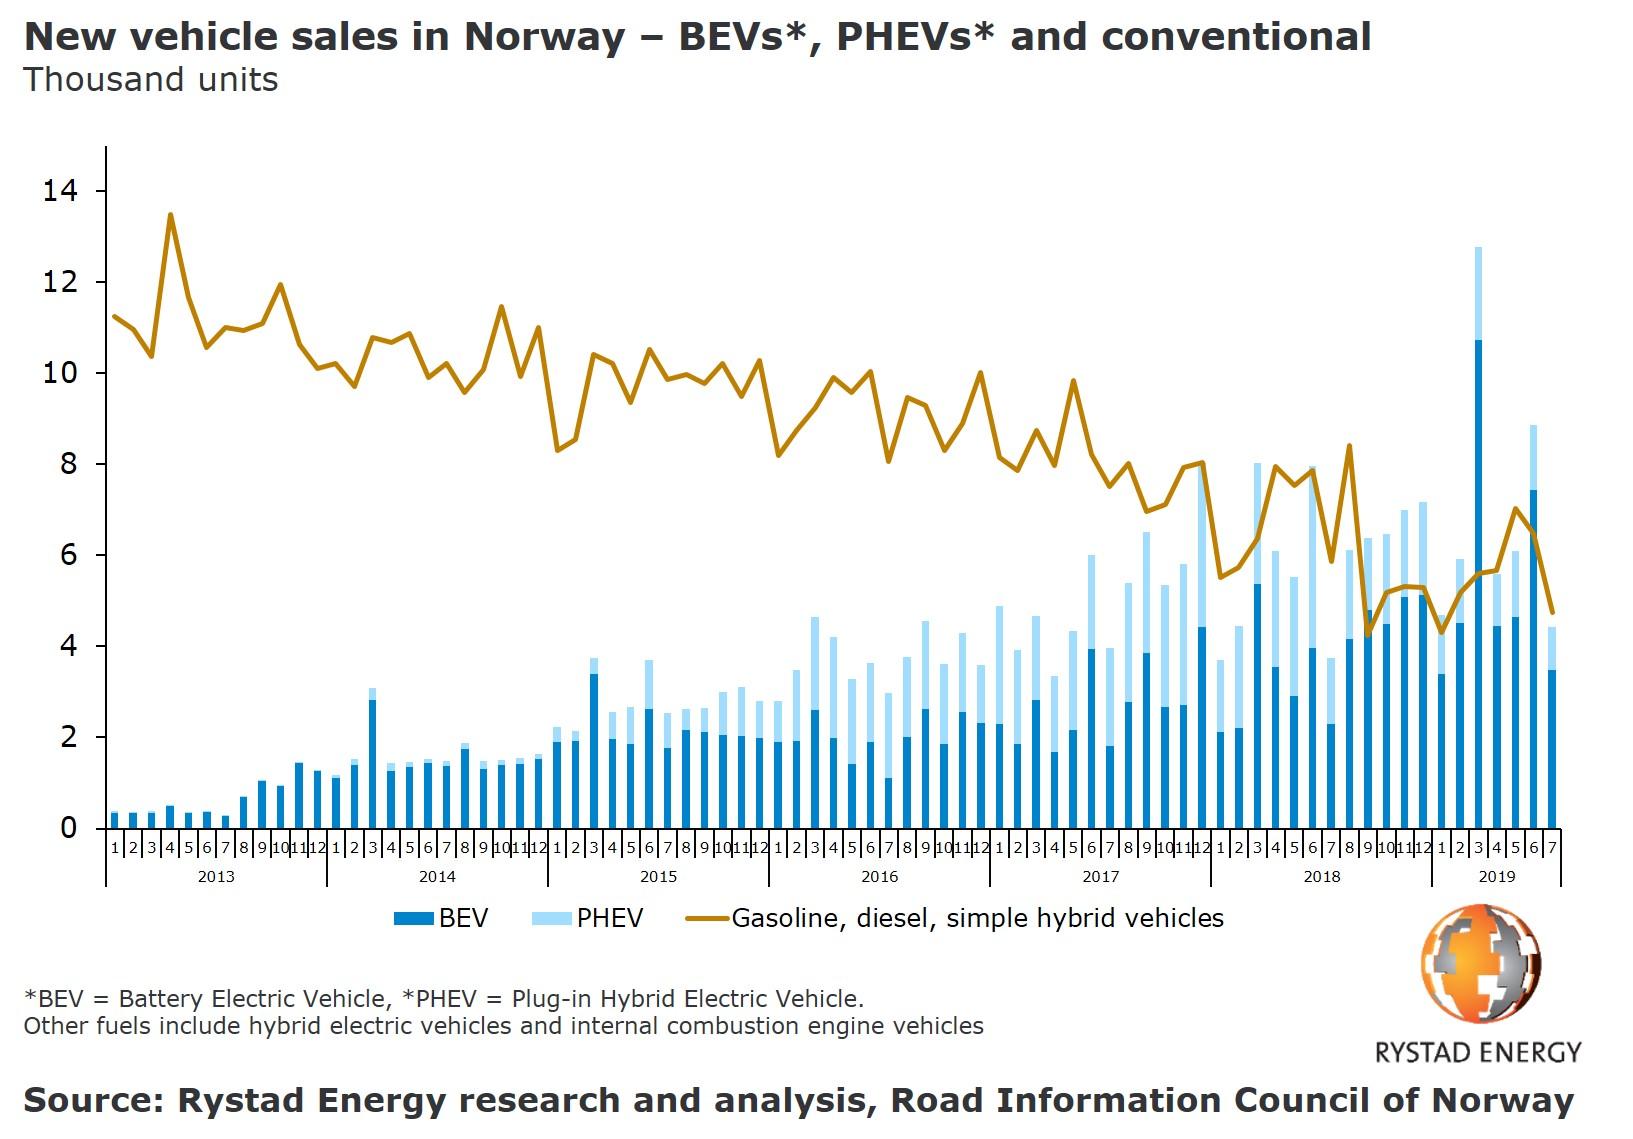 Tesla pulverisiert Marktanteil von Premium-Dieselfahrzeugen in Norwegen